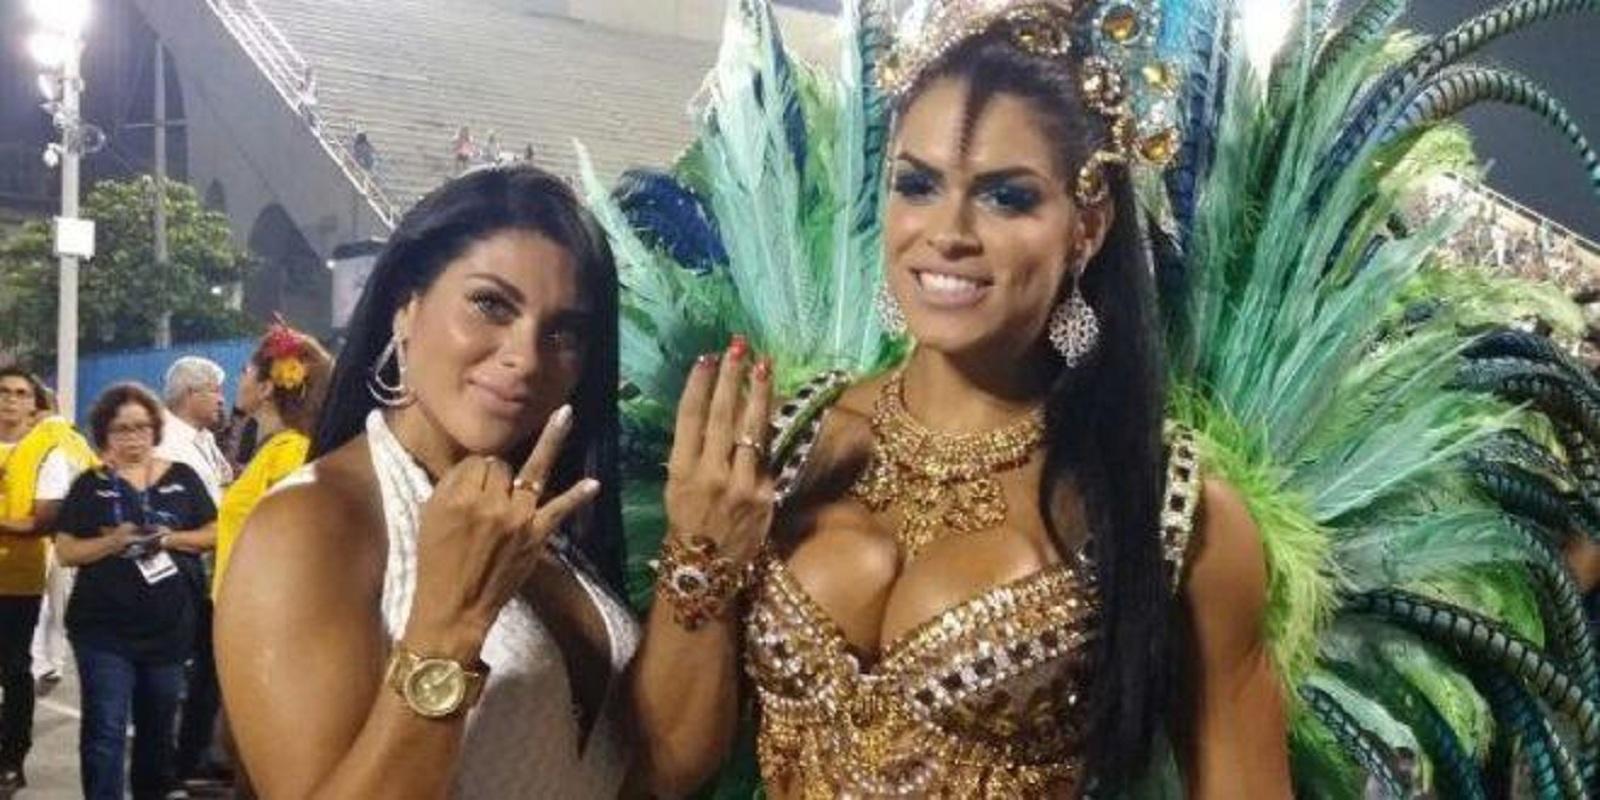 Matrimonio Simbolico En Brasil : Discriminación contra una reina de los carnavales río